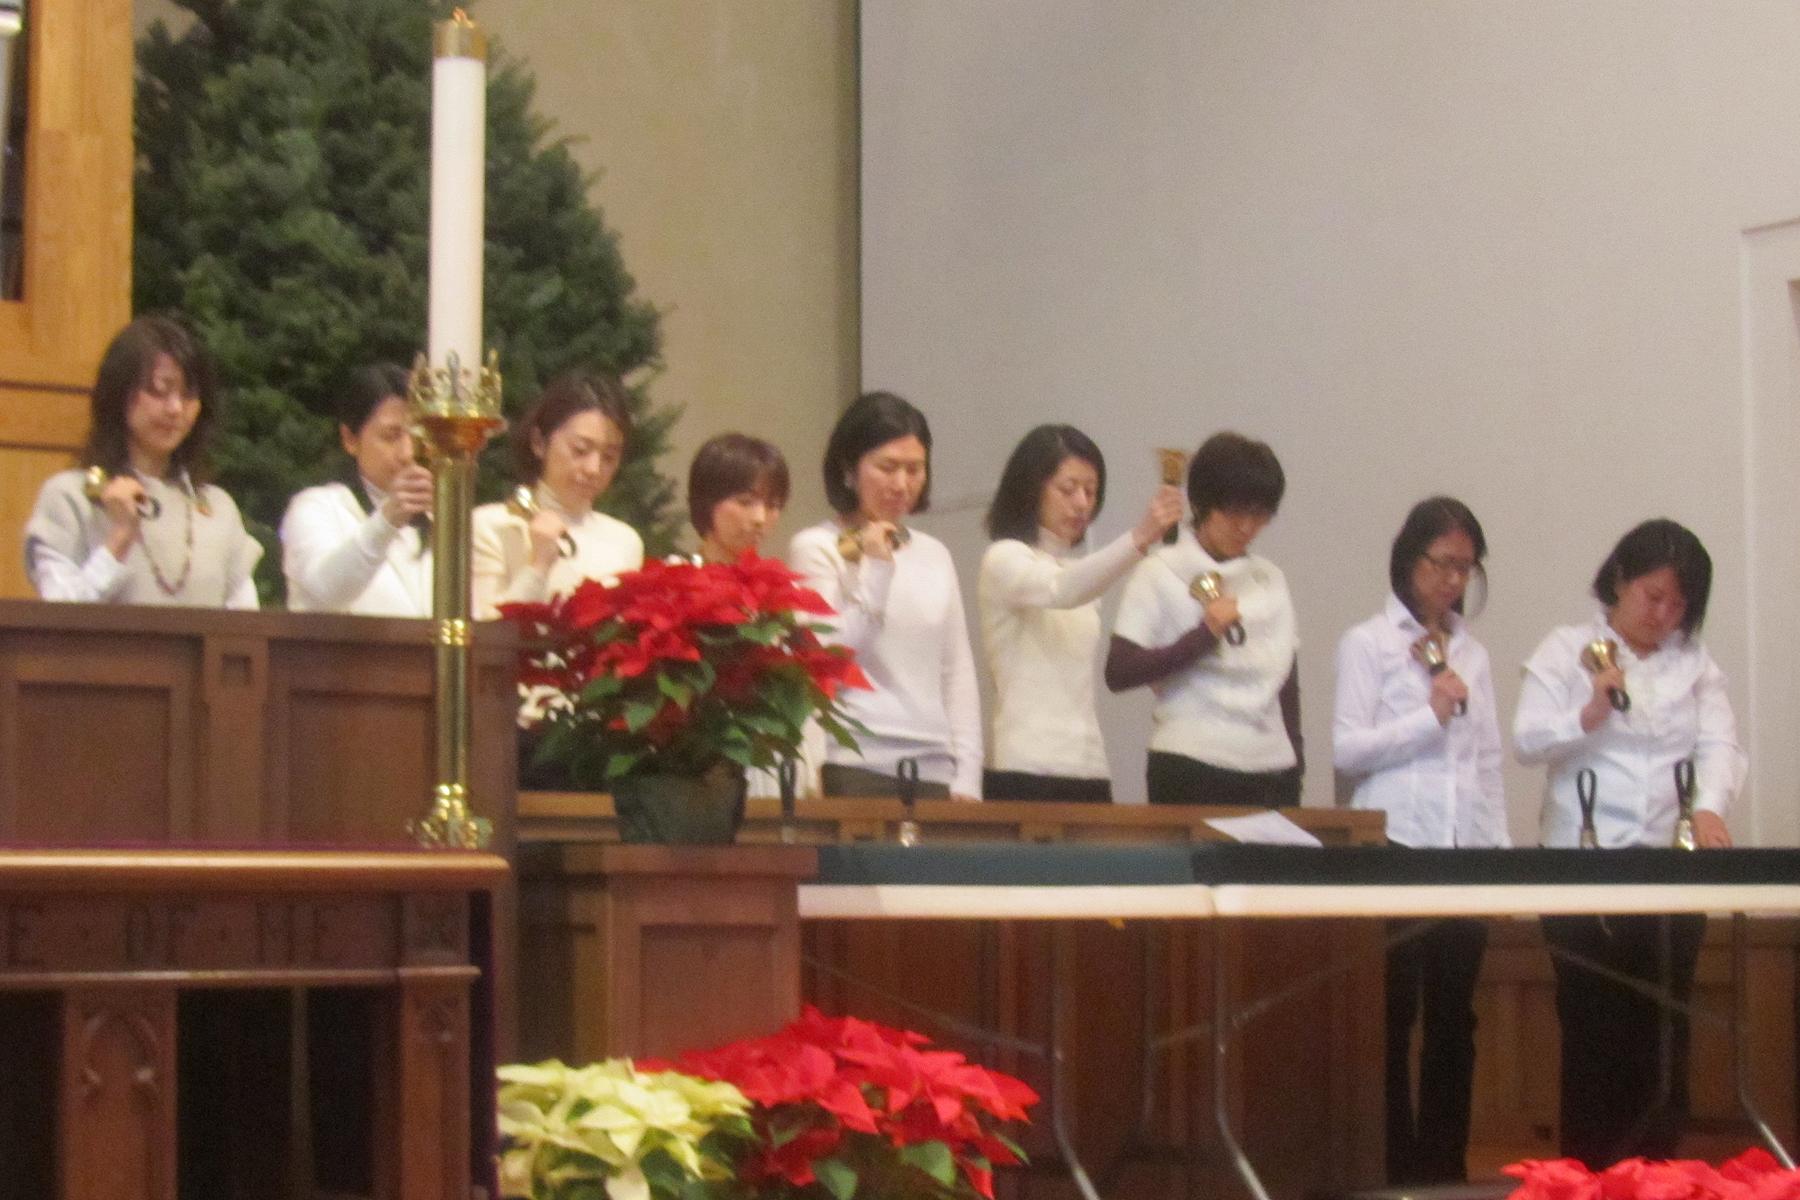 2019 5282 - LIA Christmas service - student bell ringers - 12-18-2014.jpg